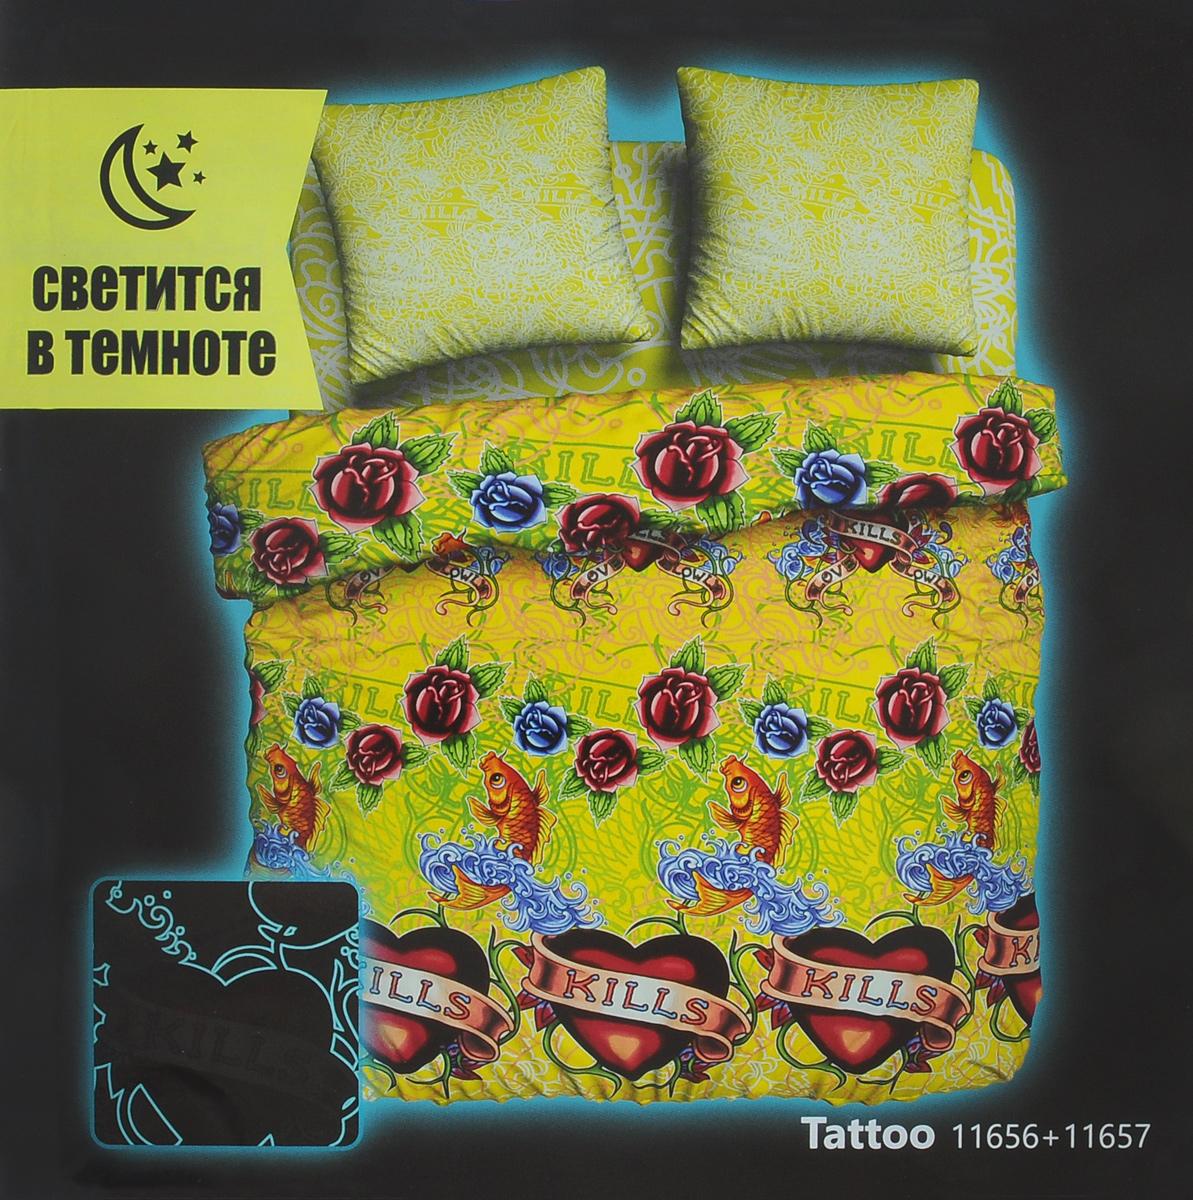 Комплект белья Unison Tattoo, 1,5-спальный, наволочки 70х70, цвет: лимонный, салатовый, малиновый. 268373CA-3505Оригинальный комплект постельного белья Unison Tattoo из серии Neon Collection выполнен из биоматина, натуральной 100% хлопковой ткани, которая имеет свойство, светится в темноте. Постельное белье светится в темноте без помощи ультрафиолета. Заряжается комплект от любого источника света, что позволяет святиться в темноте продолжительное время. Комплект оформлен оригинальным рисунком, который имеет потенциал свечения до 8 часов с эффектом угасания. Ткань приятная на ощупь, при этом она прочная, хорошо сохраняет форму и легко гладится. Комплект состоит из пододеяльника, простыни и двух наволочек. Используемые красители безопасны для человека и животных. Благодаря такому комплекту постельного белья вы создадите неповторимую атмосферу в вашей спальне. Рекомендуется стирать в стиральной машине в мешке в режиме деликатной стирки, при температуре до +40°C, предварительно вывернув комплект наизнанку.